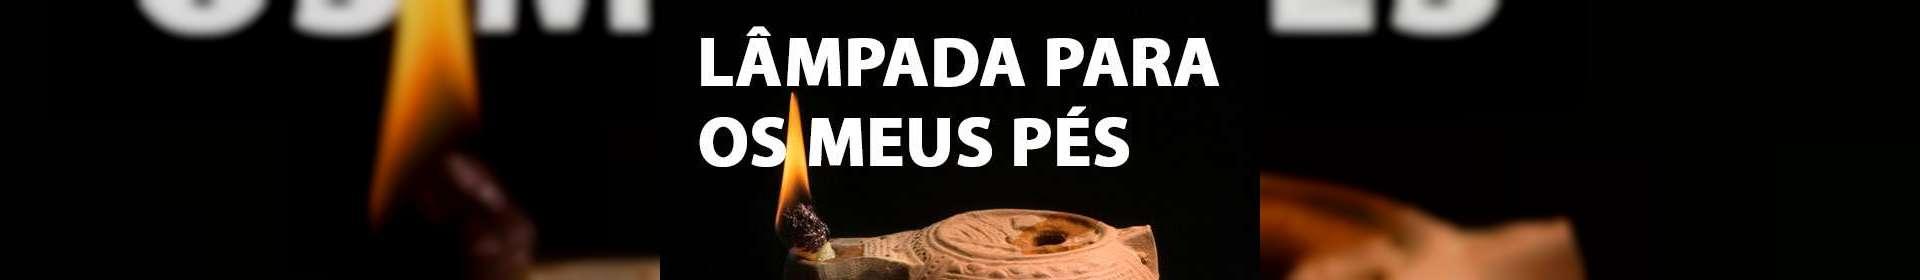 Lâmpada Para os Meus Pés - 11/01/2021